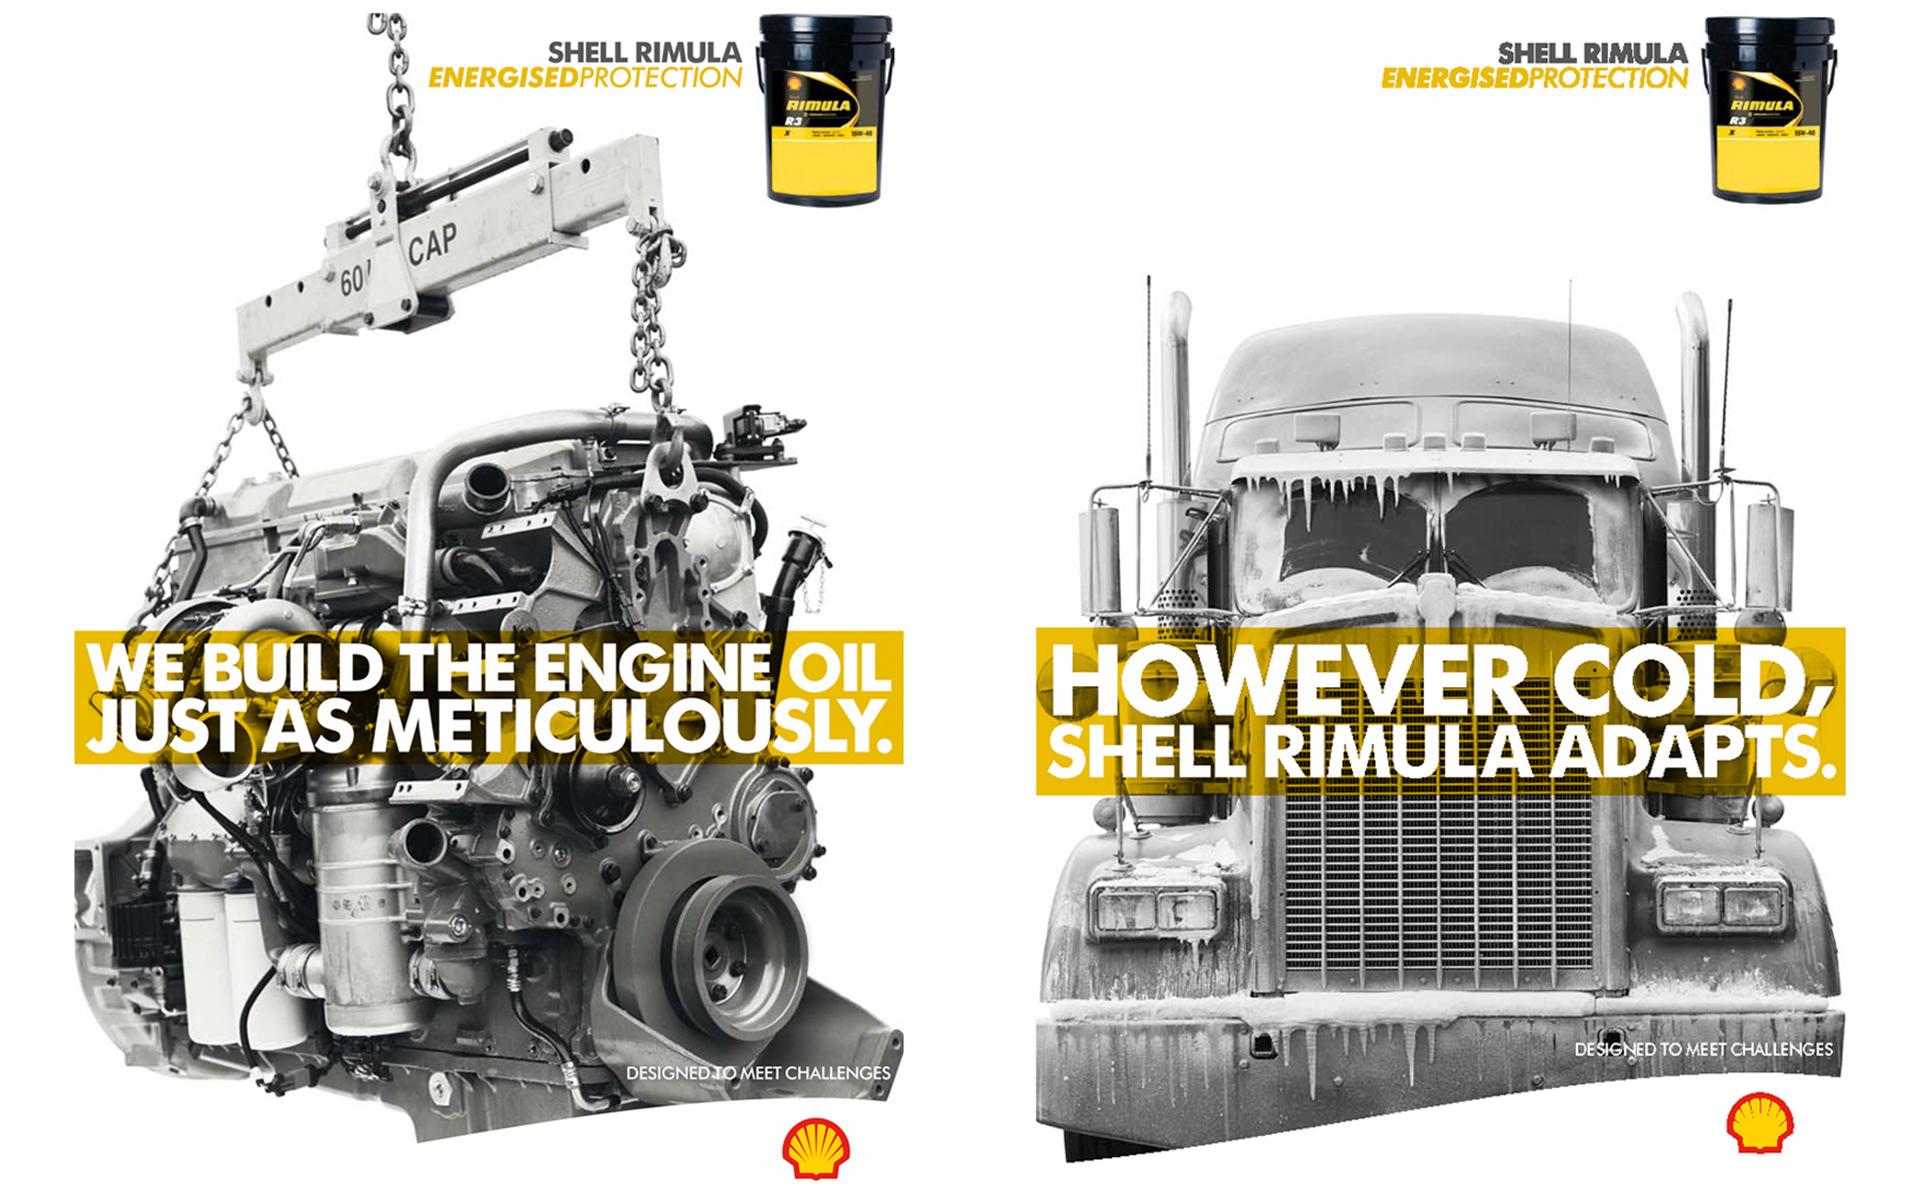 OV_shell_engine-cold_sq.jpg